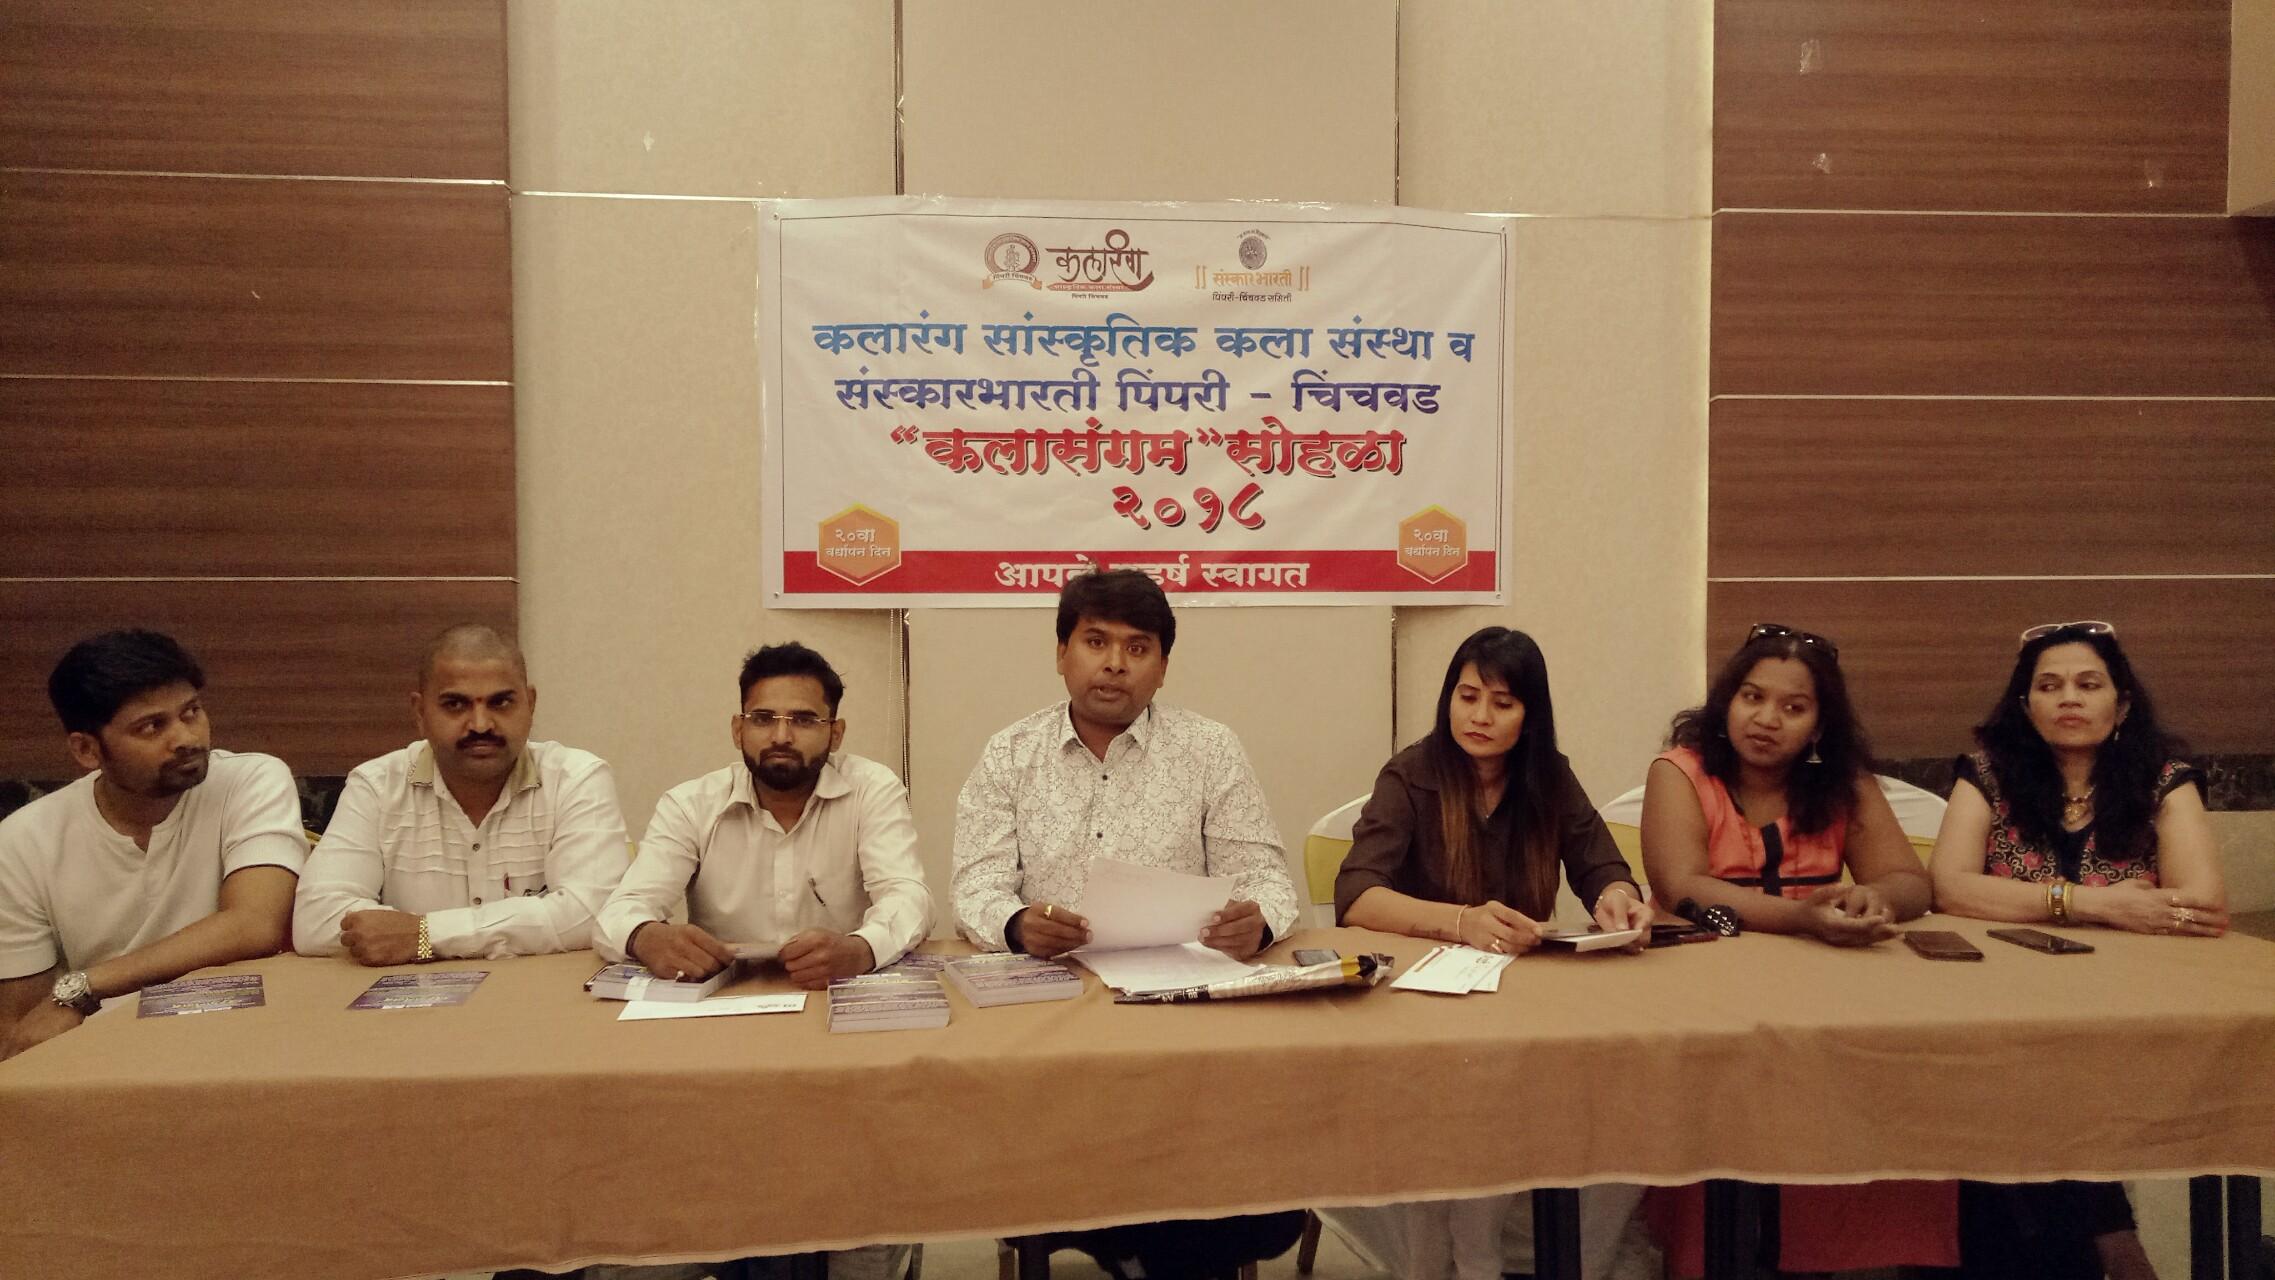 'कलारंग' संस्थेतर्फे रविवारी चिंचवडमध्ये 'कलासंगम सोहळा २०१८'चे आयोजन